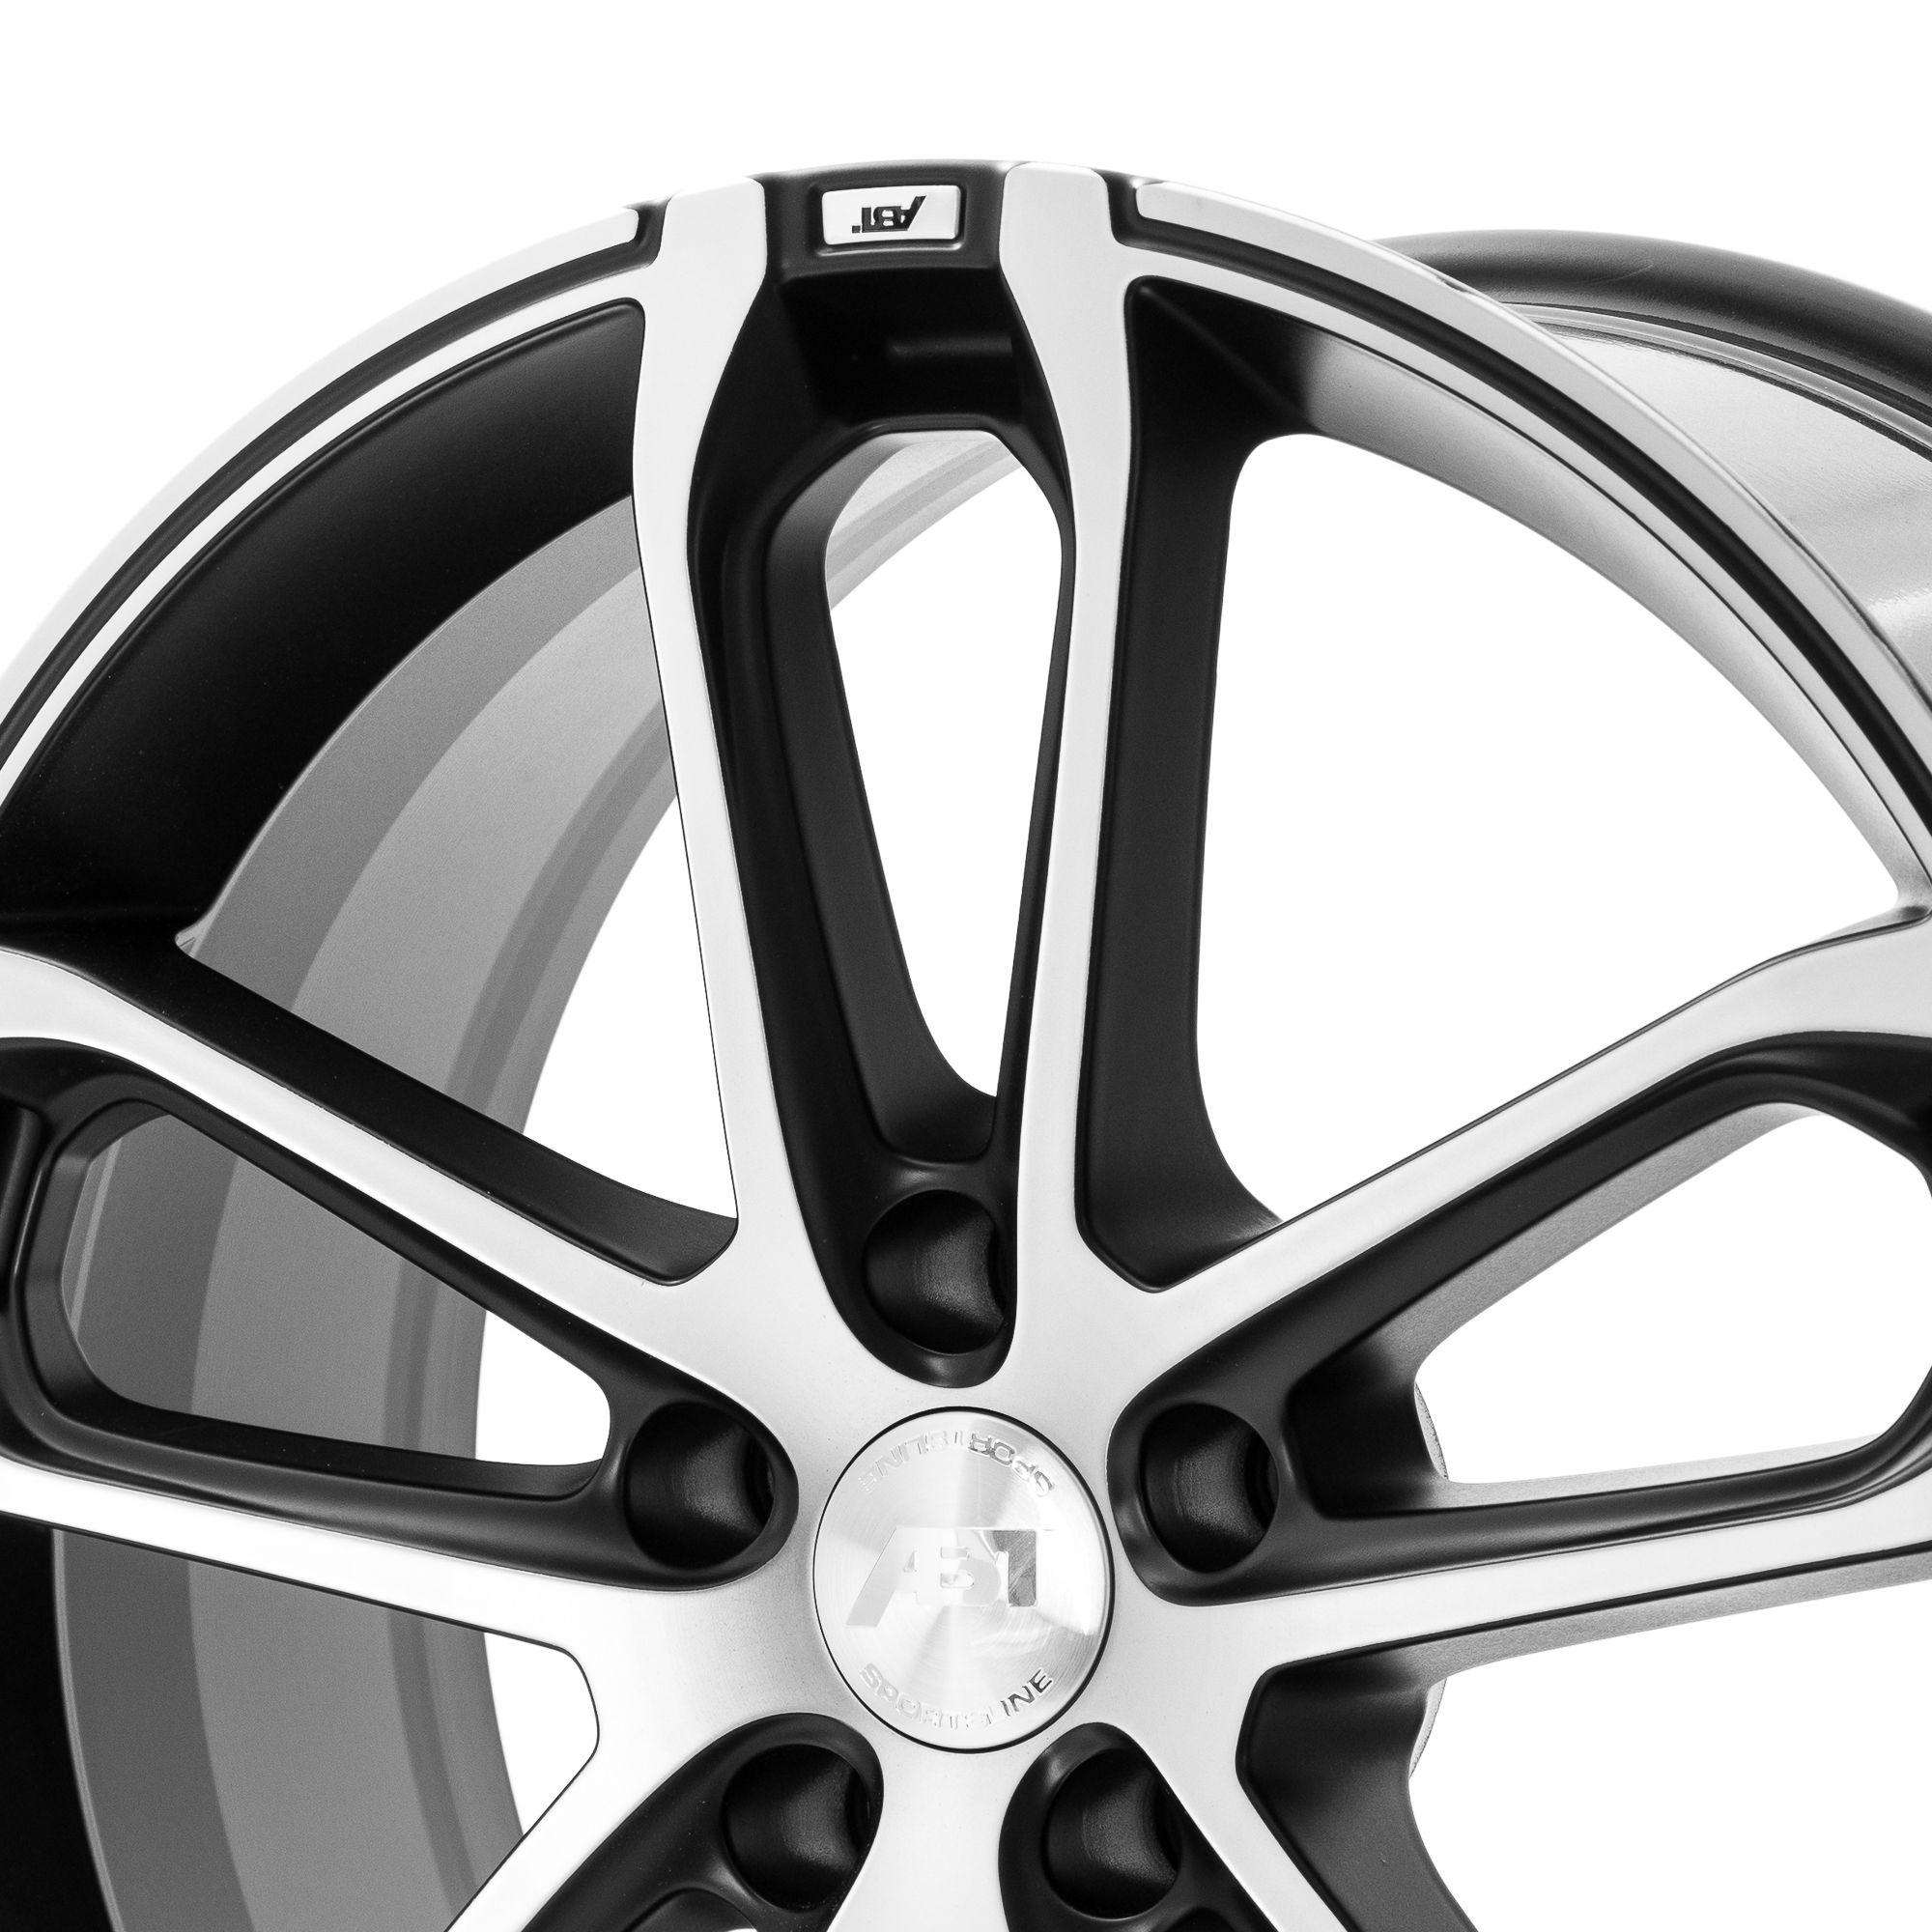 ABT Sportsline CR Felgen Black Silver silber schwarz mehrfarbig in 20 Zoll  felgenshop.de